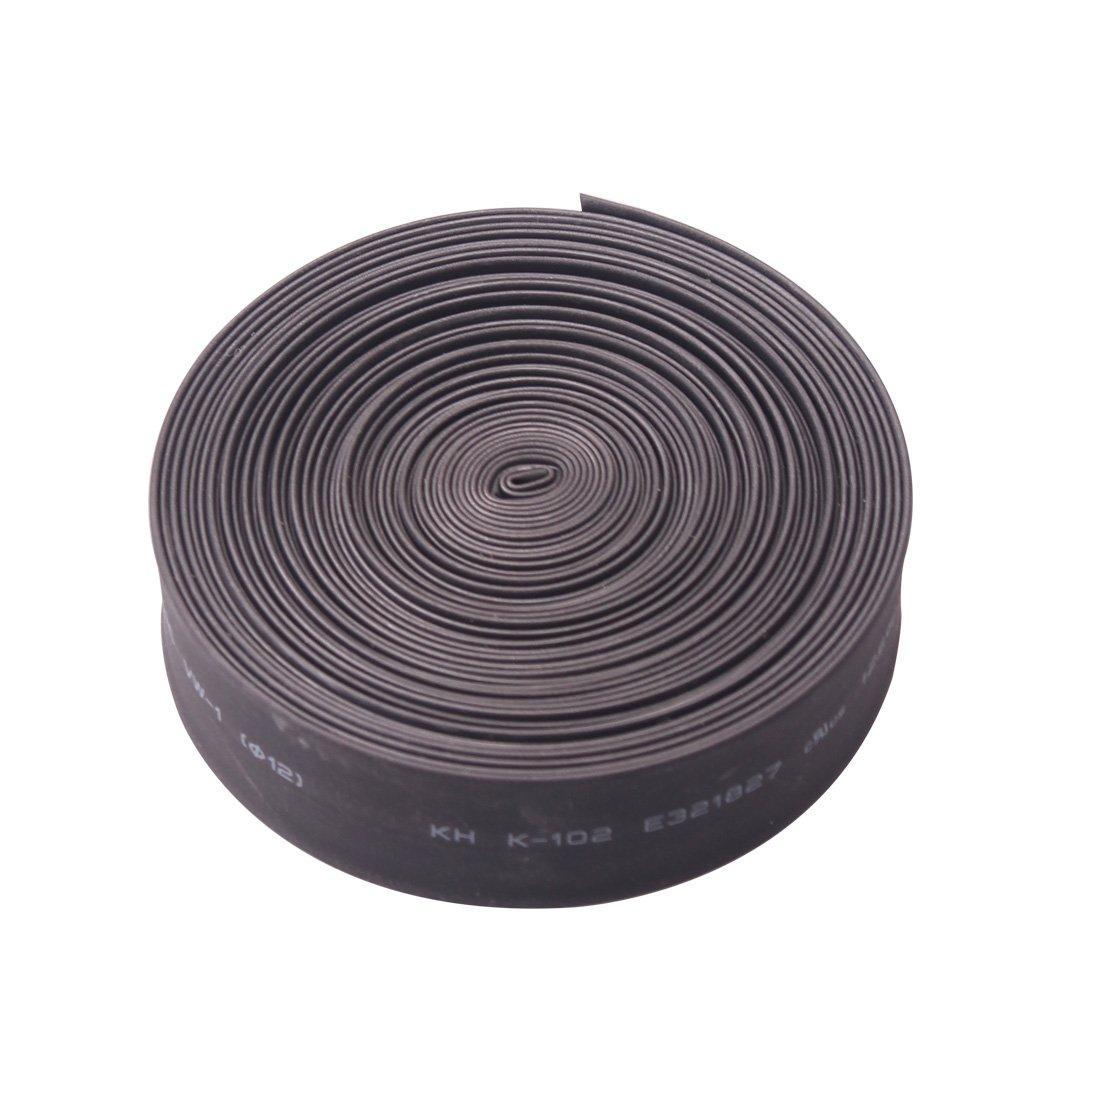 熱収縮チューブ、電気ケーブルワイヤラップ比2 : 1熱縮みShrinkable Sleevingブラック 9M / 30Ft MO6C B0754347T5 9M / 30Ft|Dia.12mm Dia.12mm 9M / 30Ft